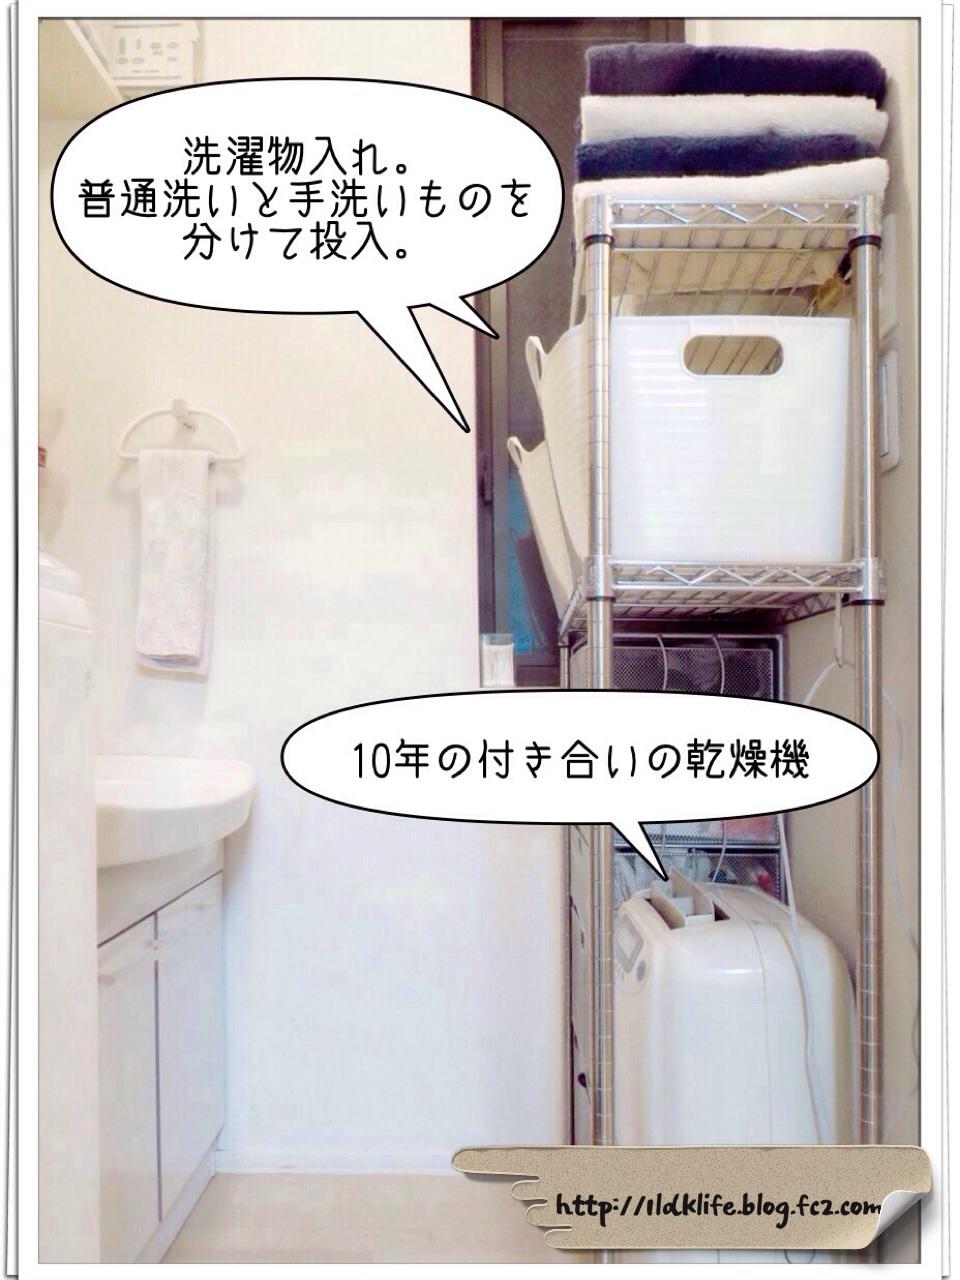 2013110813173223d.jpg